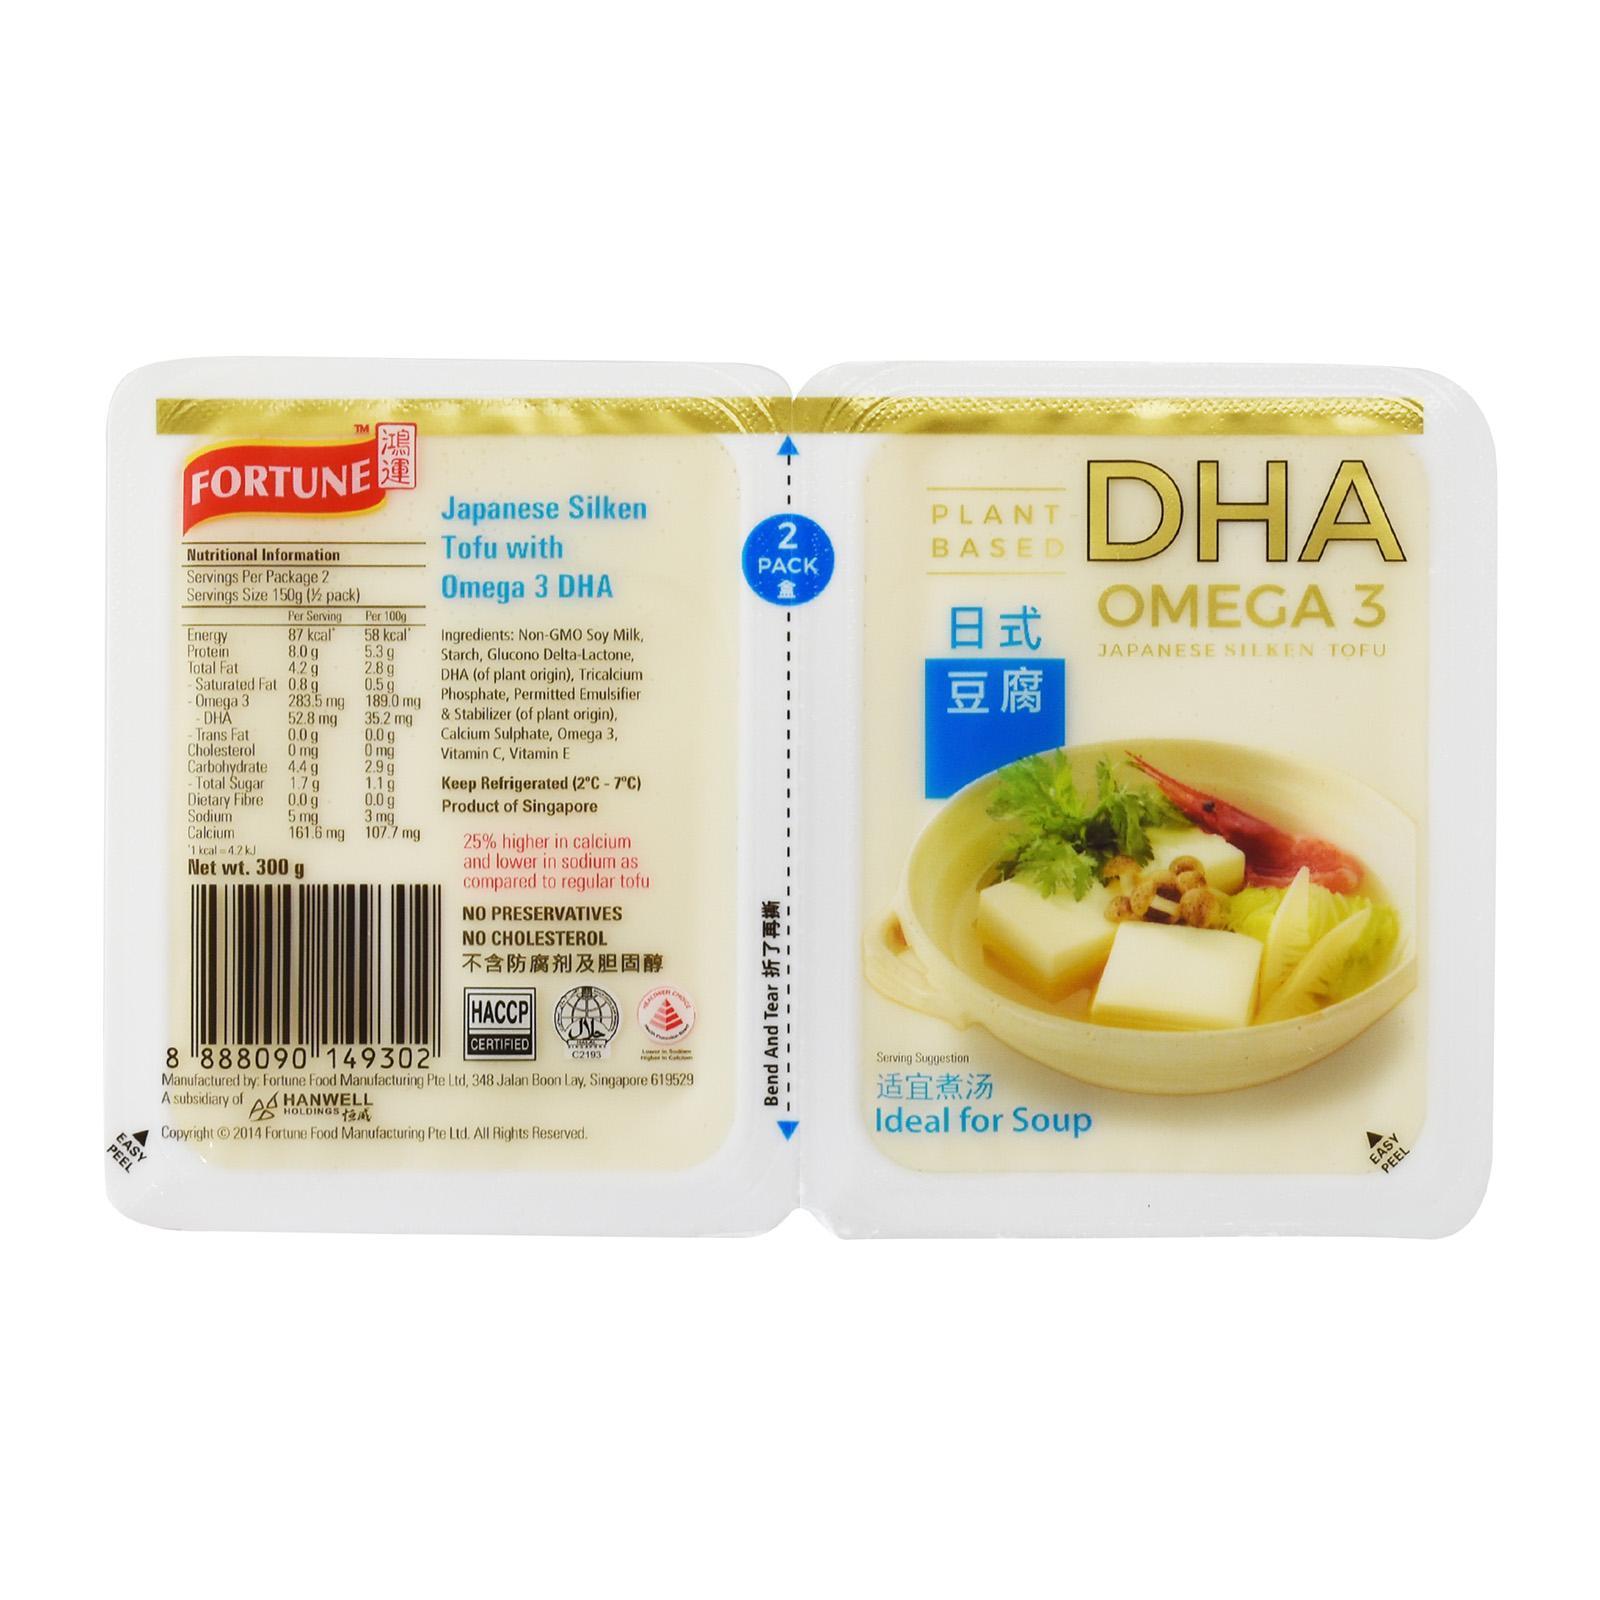 FORTUNE Japanese Silken Tofu W/ Omega 3 DHA 300g